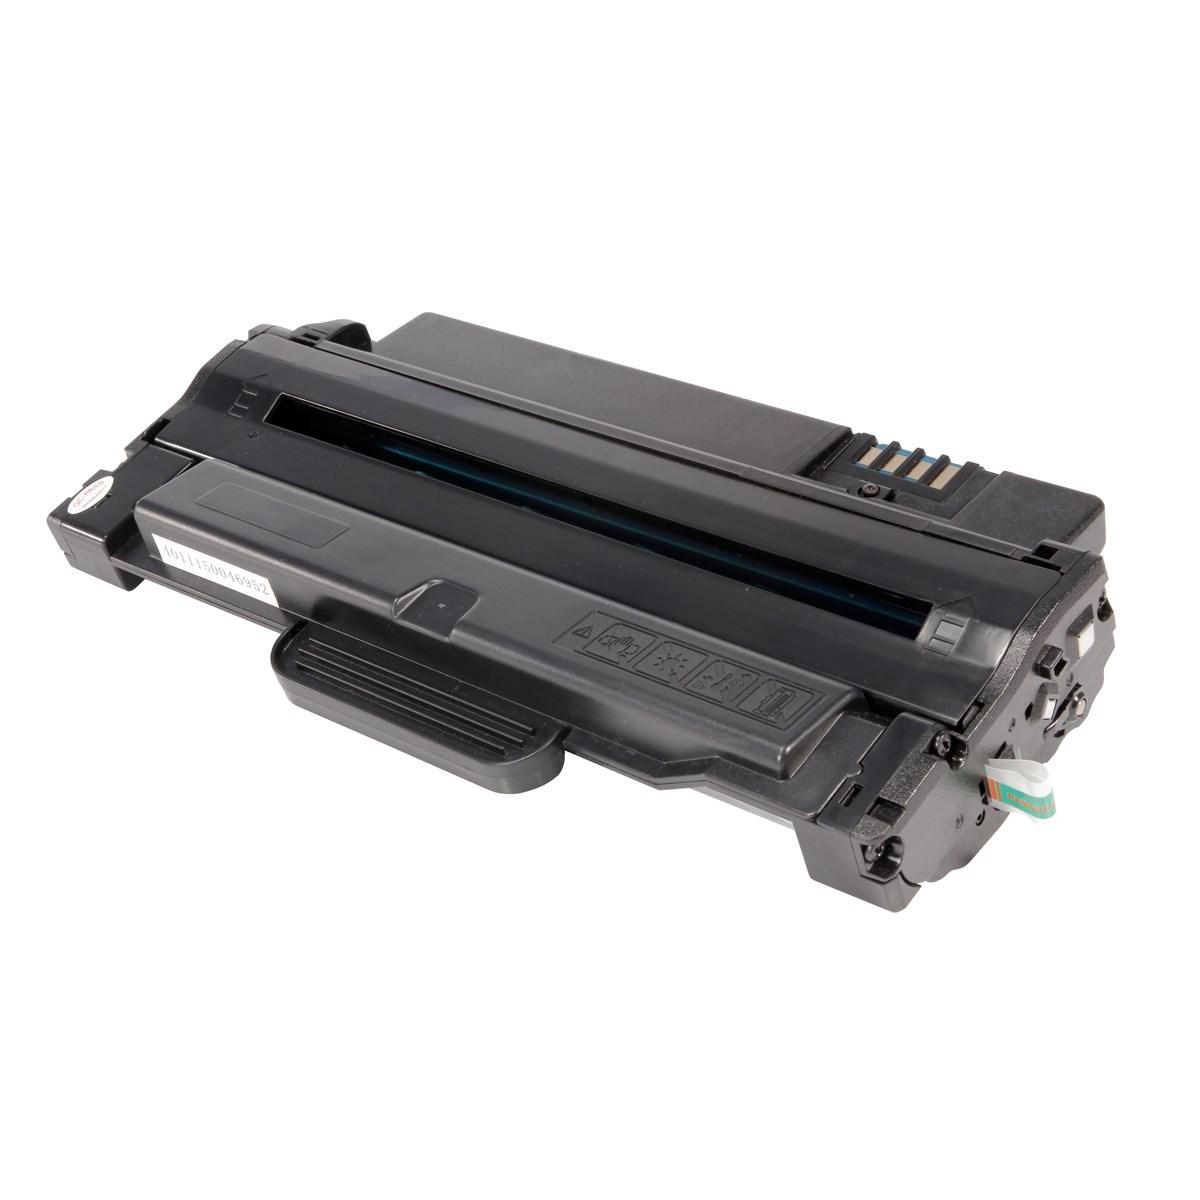 Toner Samsung MLT-D105S ML1910 ML1915 ML2525 ML2580 SCX4600 SCX4623 CF650 CF650P | Premium 1.5k